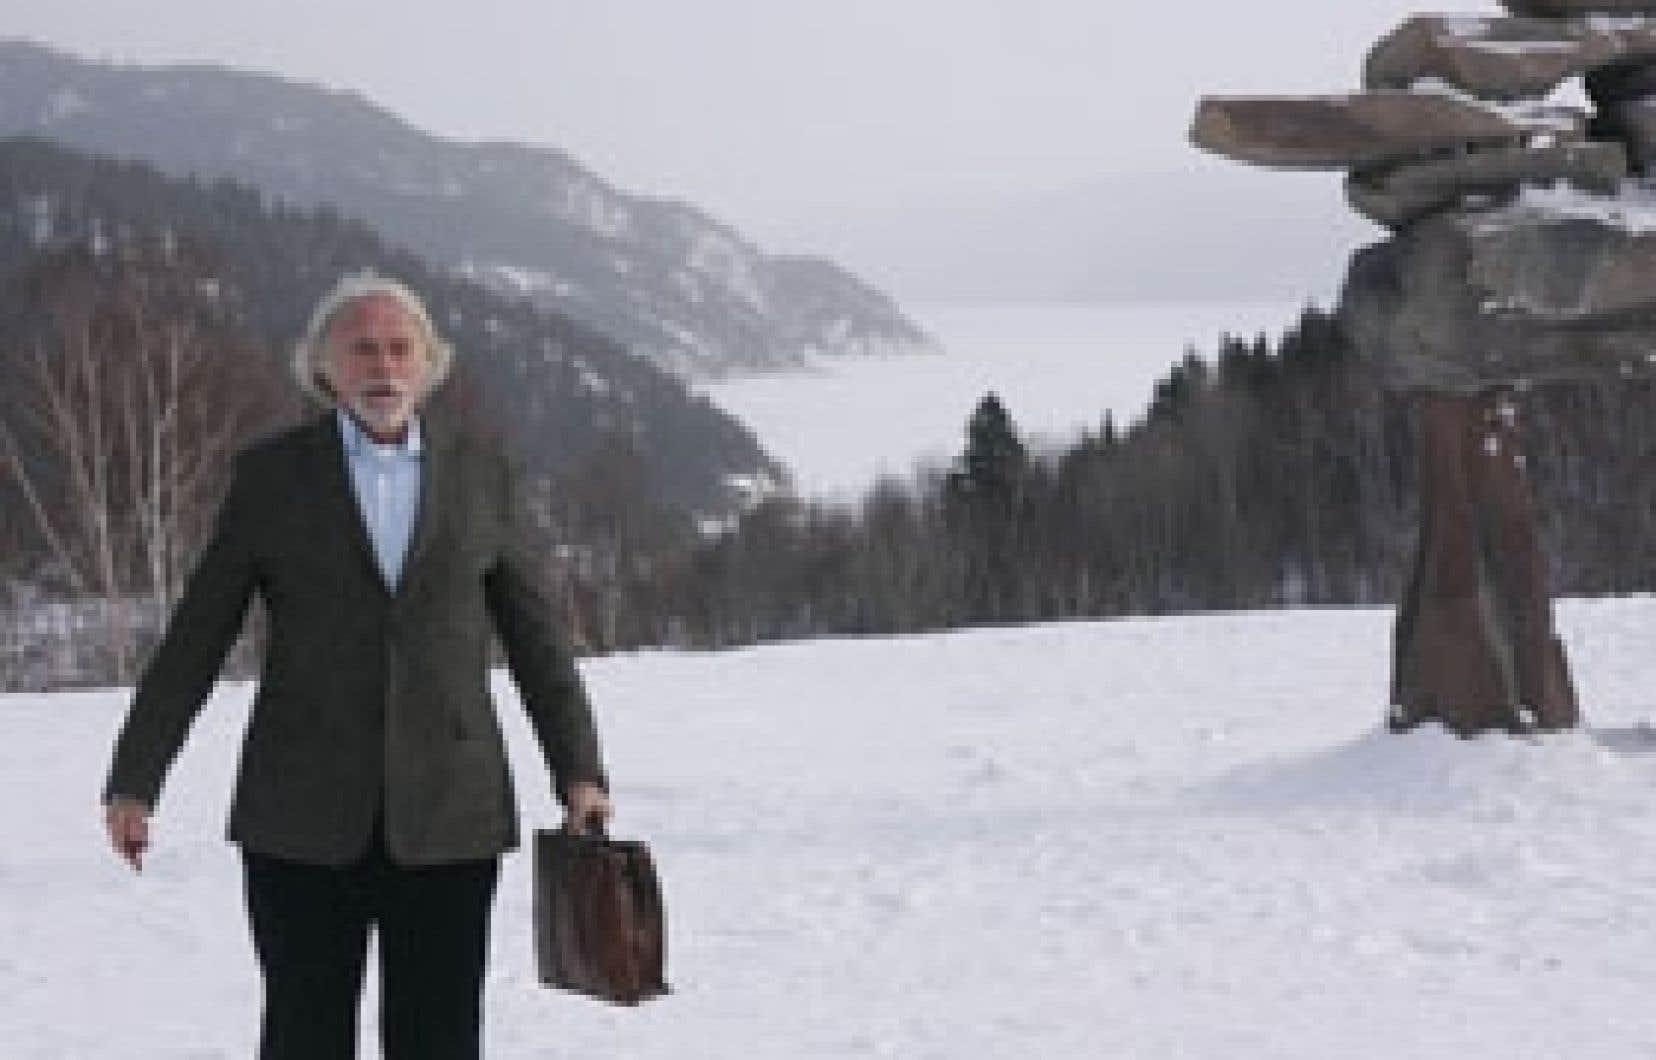 Le Bonheur de Pierre endosse les préjugés éculés sur les Québécois, comme sur les Français, et en perd ses gags.